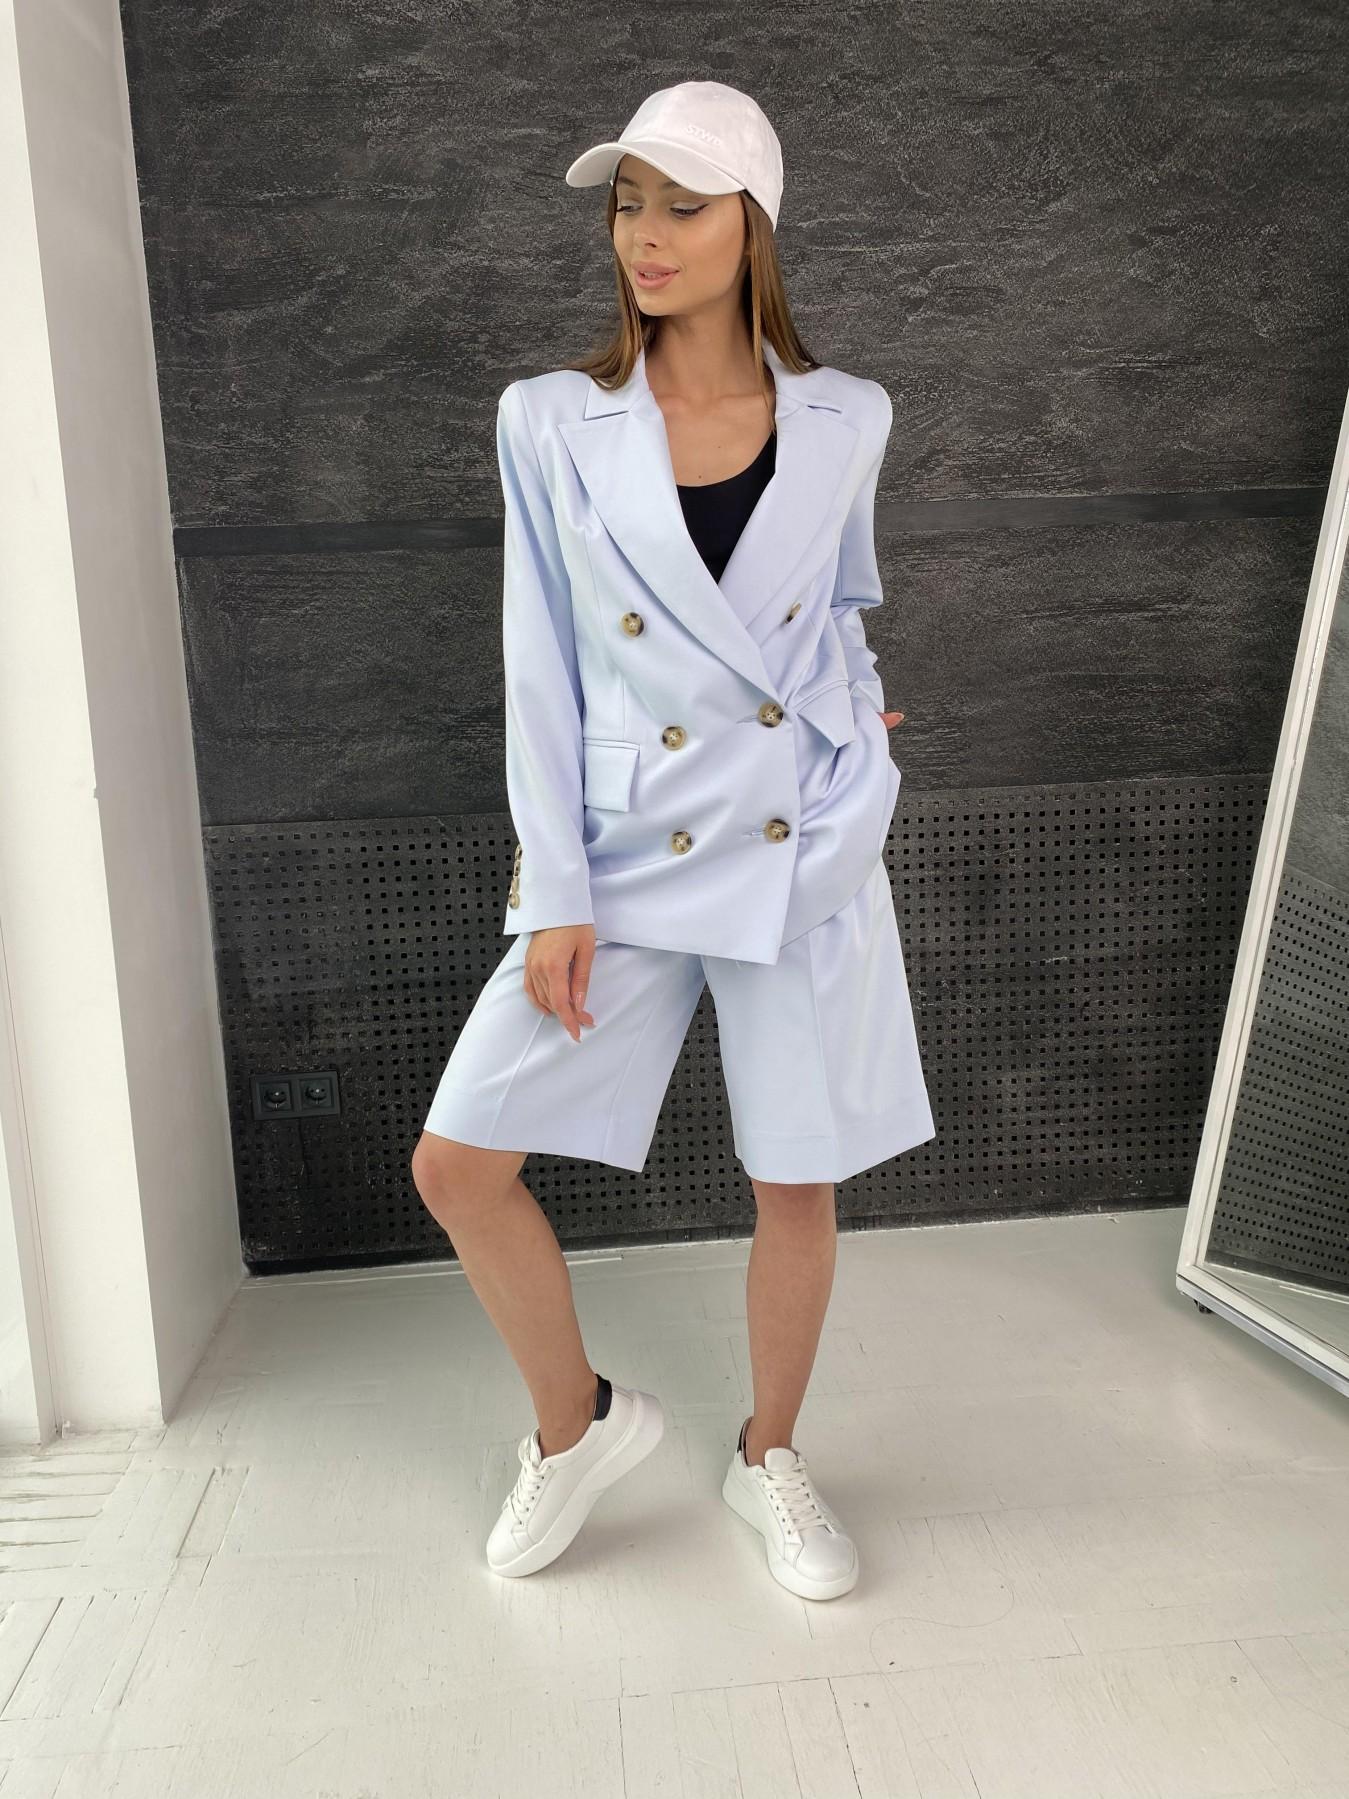 Бонжур шорты из  костюмной ткани стрейч 11403 АРТ. 47952 Цвет: Голубой - фото 3, интернет магазин tm-modus.ru